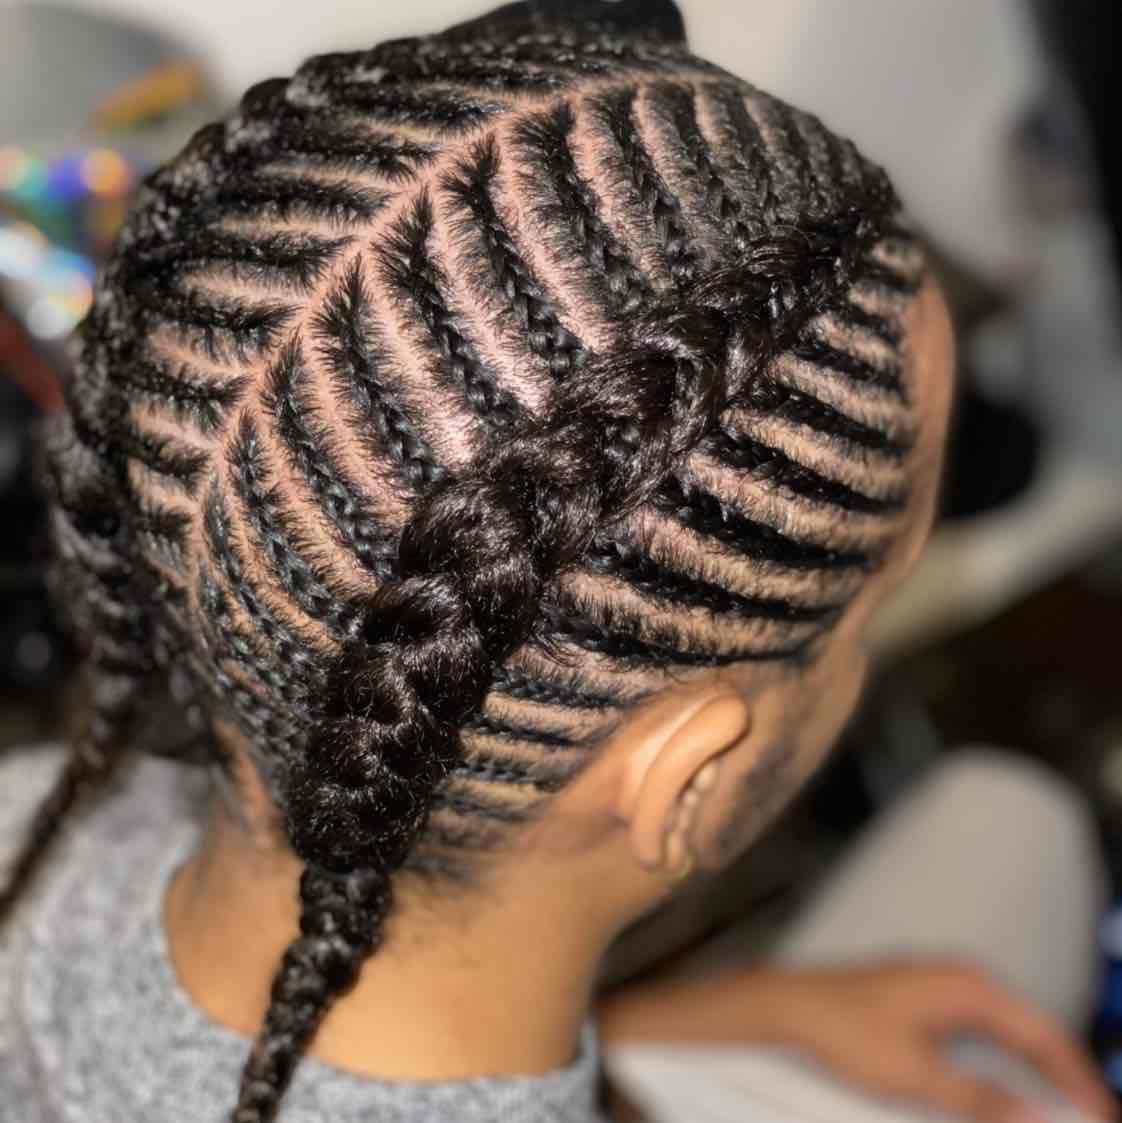 salon de coiffure afro tresse tresses box braids crochet braids vanilles tissages paris 75 77 78 91 92 93 94 95 TAKMQIBZ